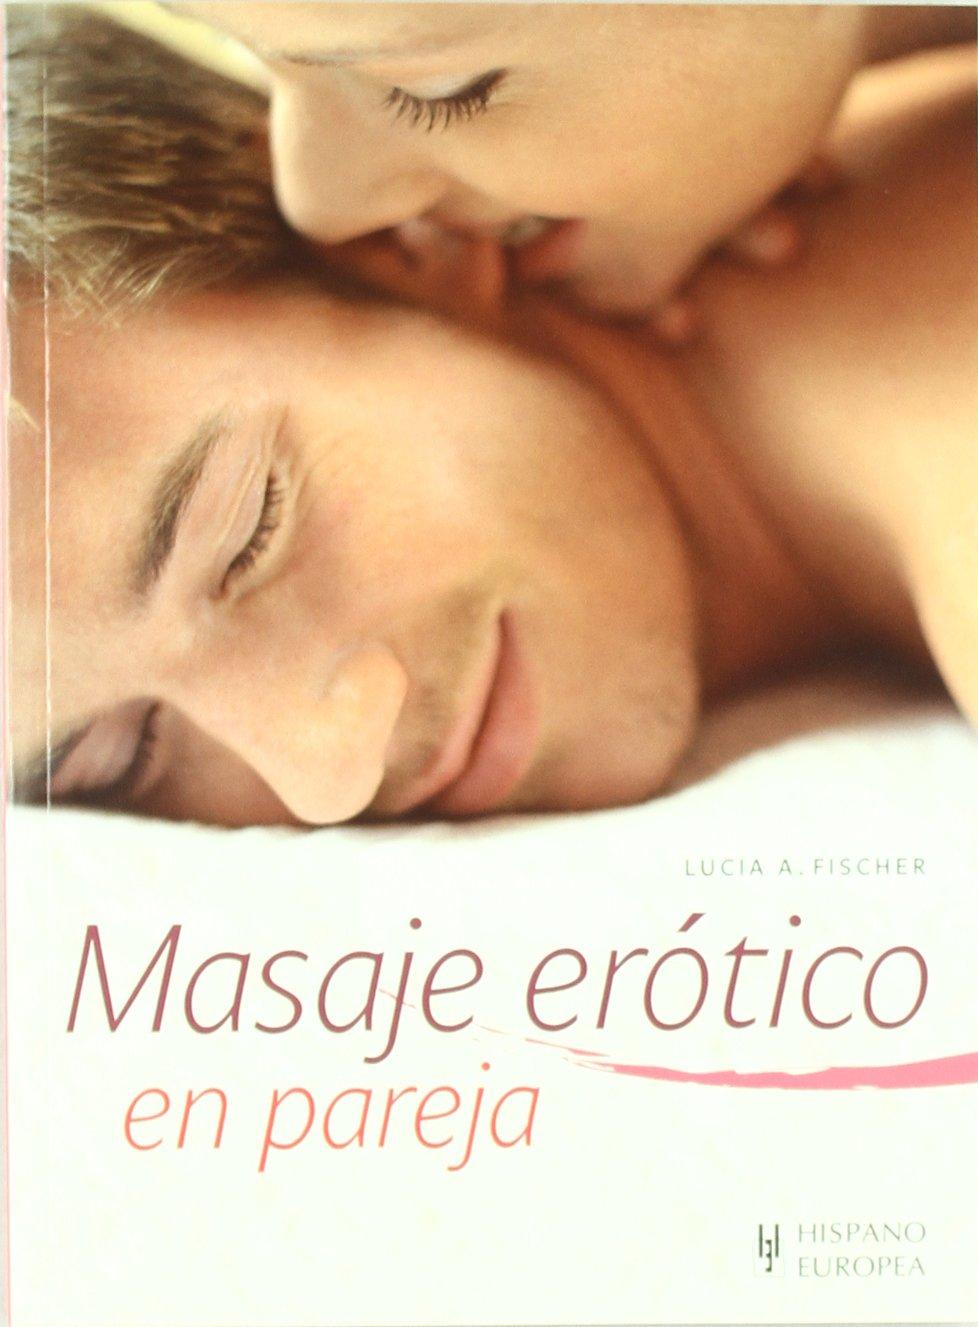 Masaje erótico en pareja (Salud Y Bienestar / Health and Wellness)